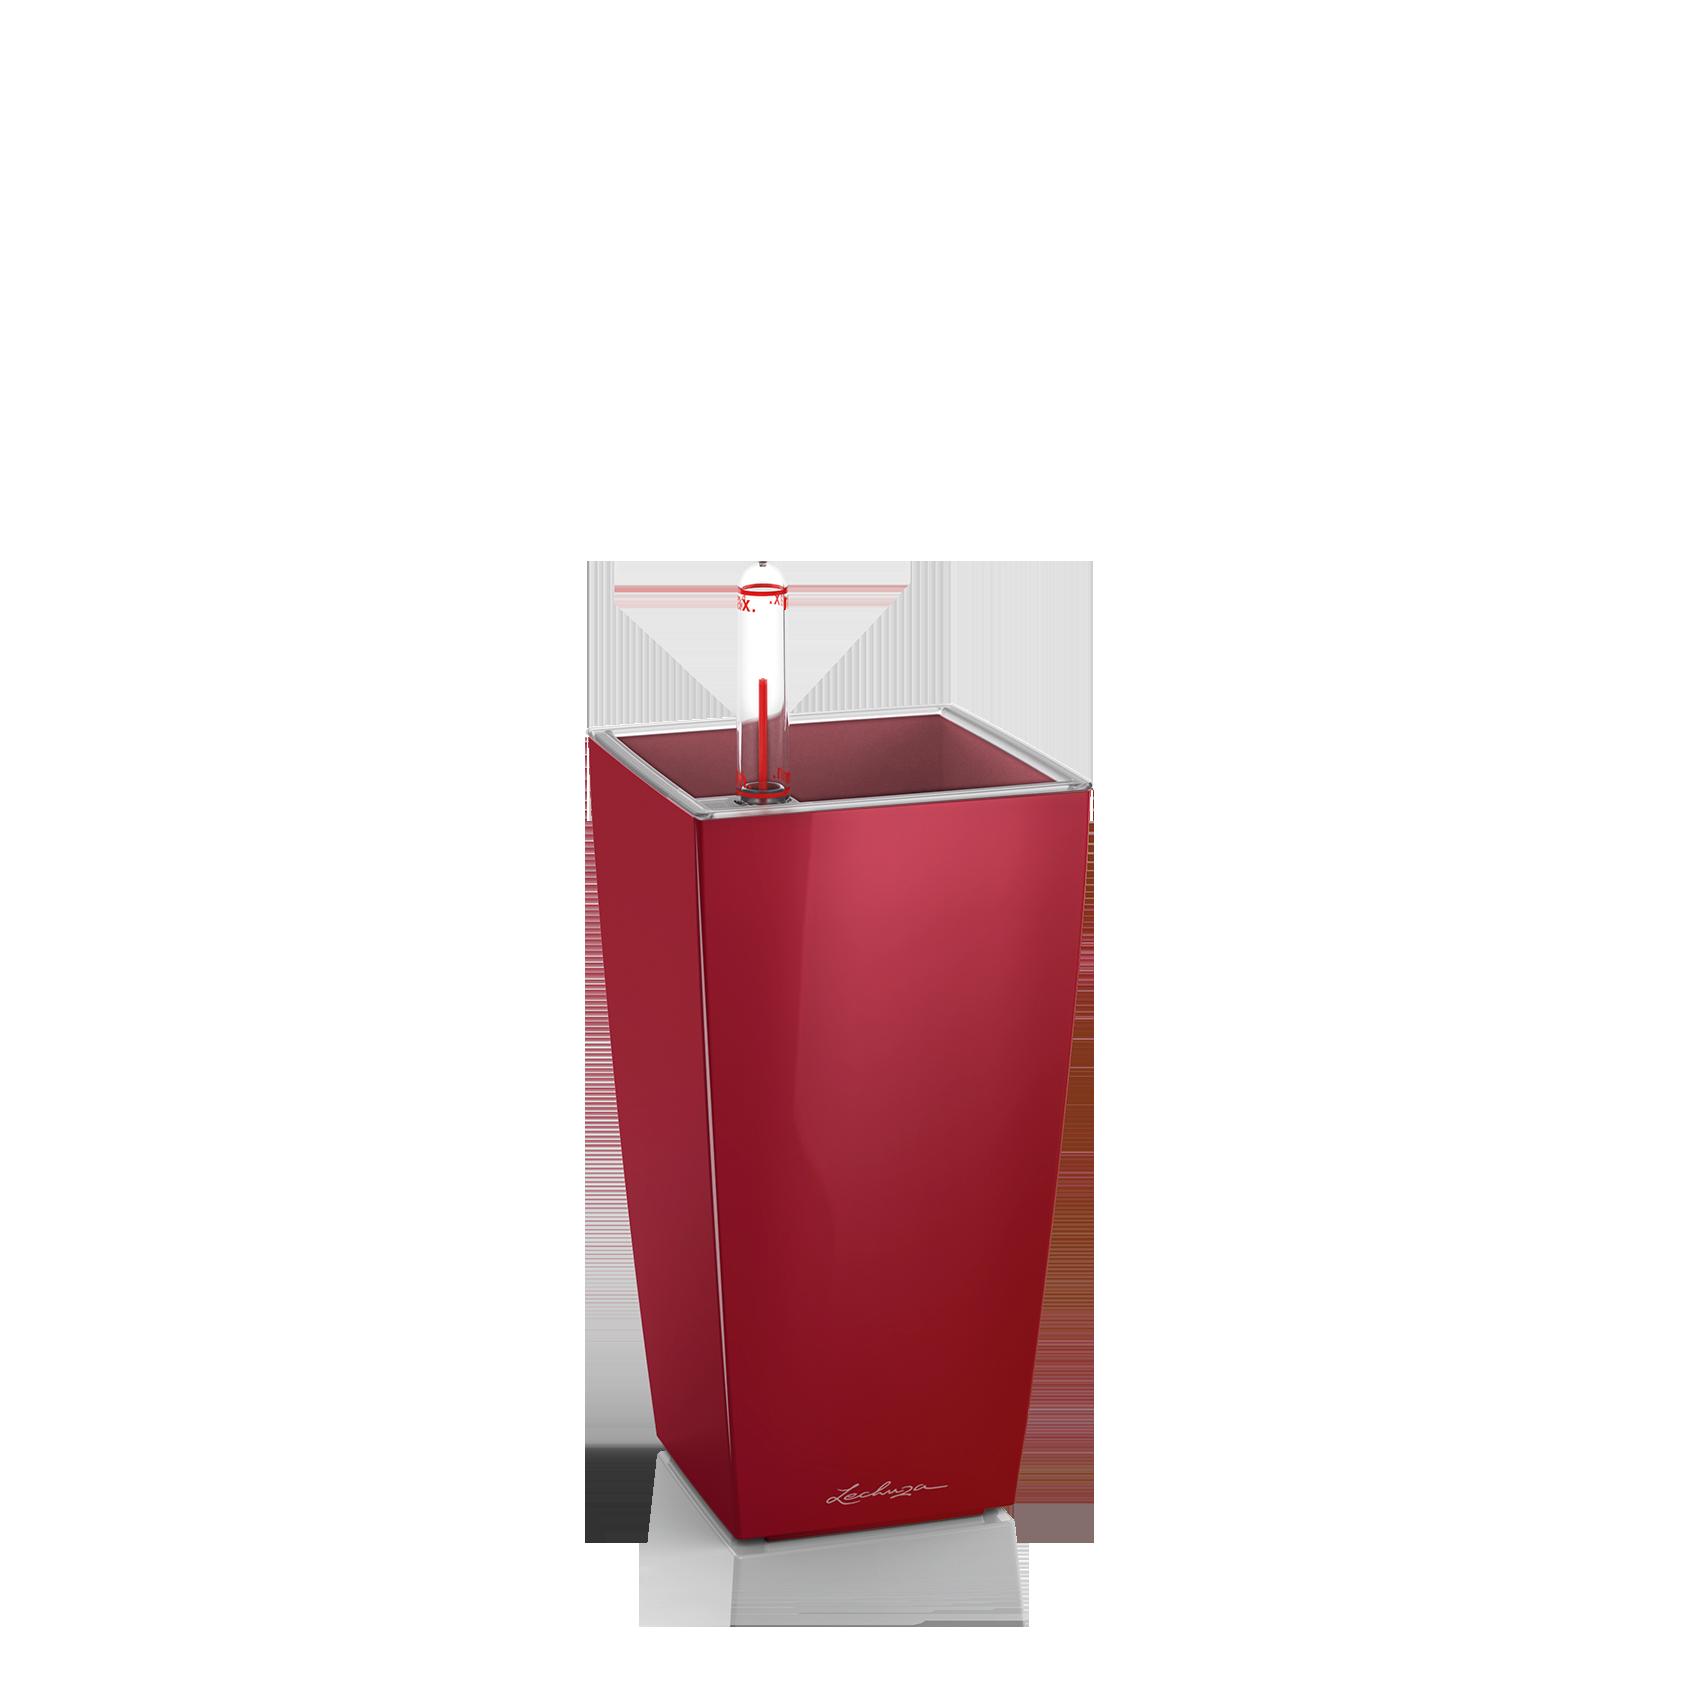 MINI-CUBI rojo escarlata muy brillante